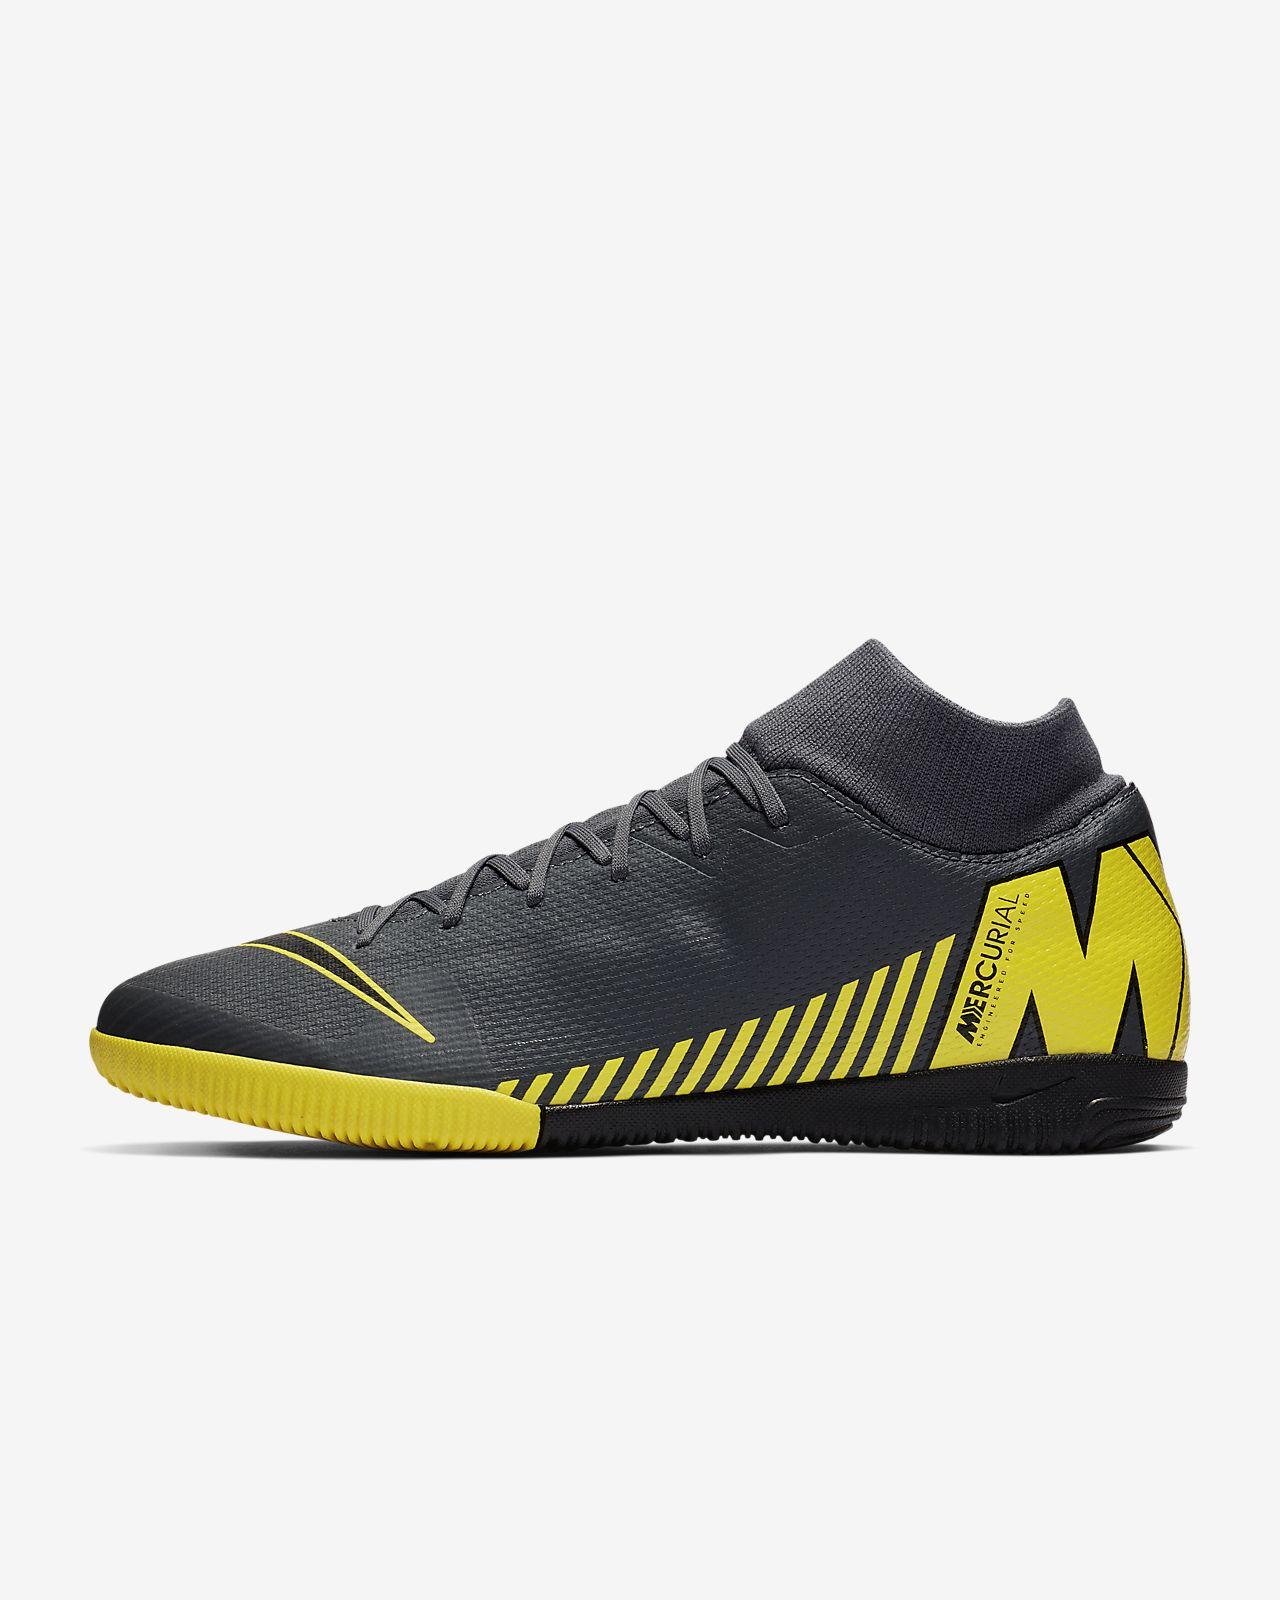 Calzado de fútbol para cancha cubierta Nike SuperflyX 6 Academy IC